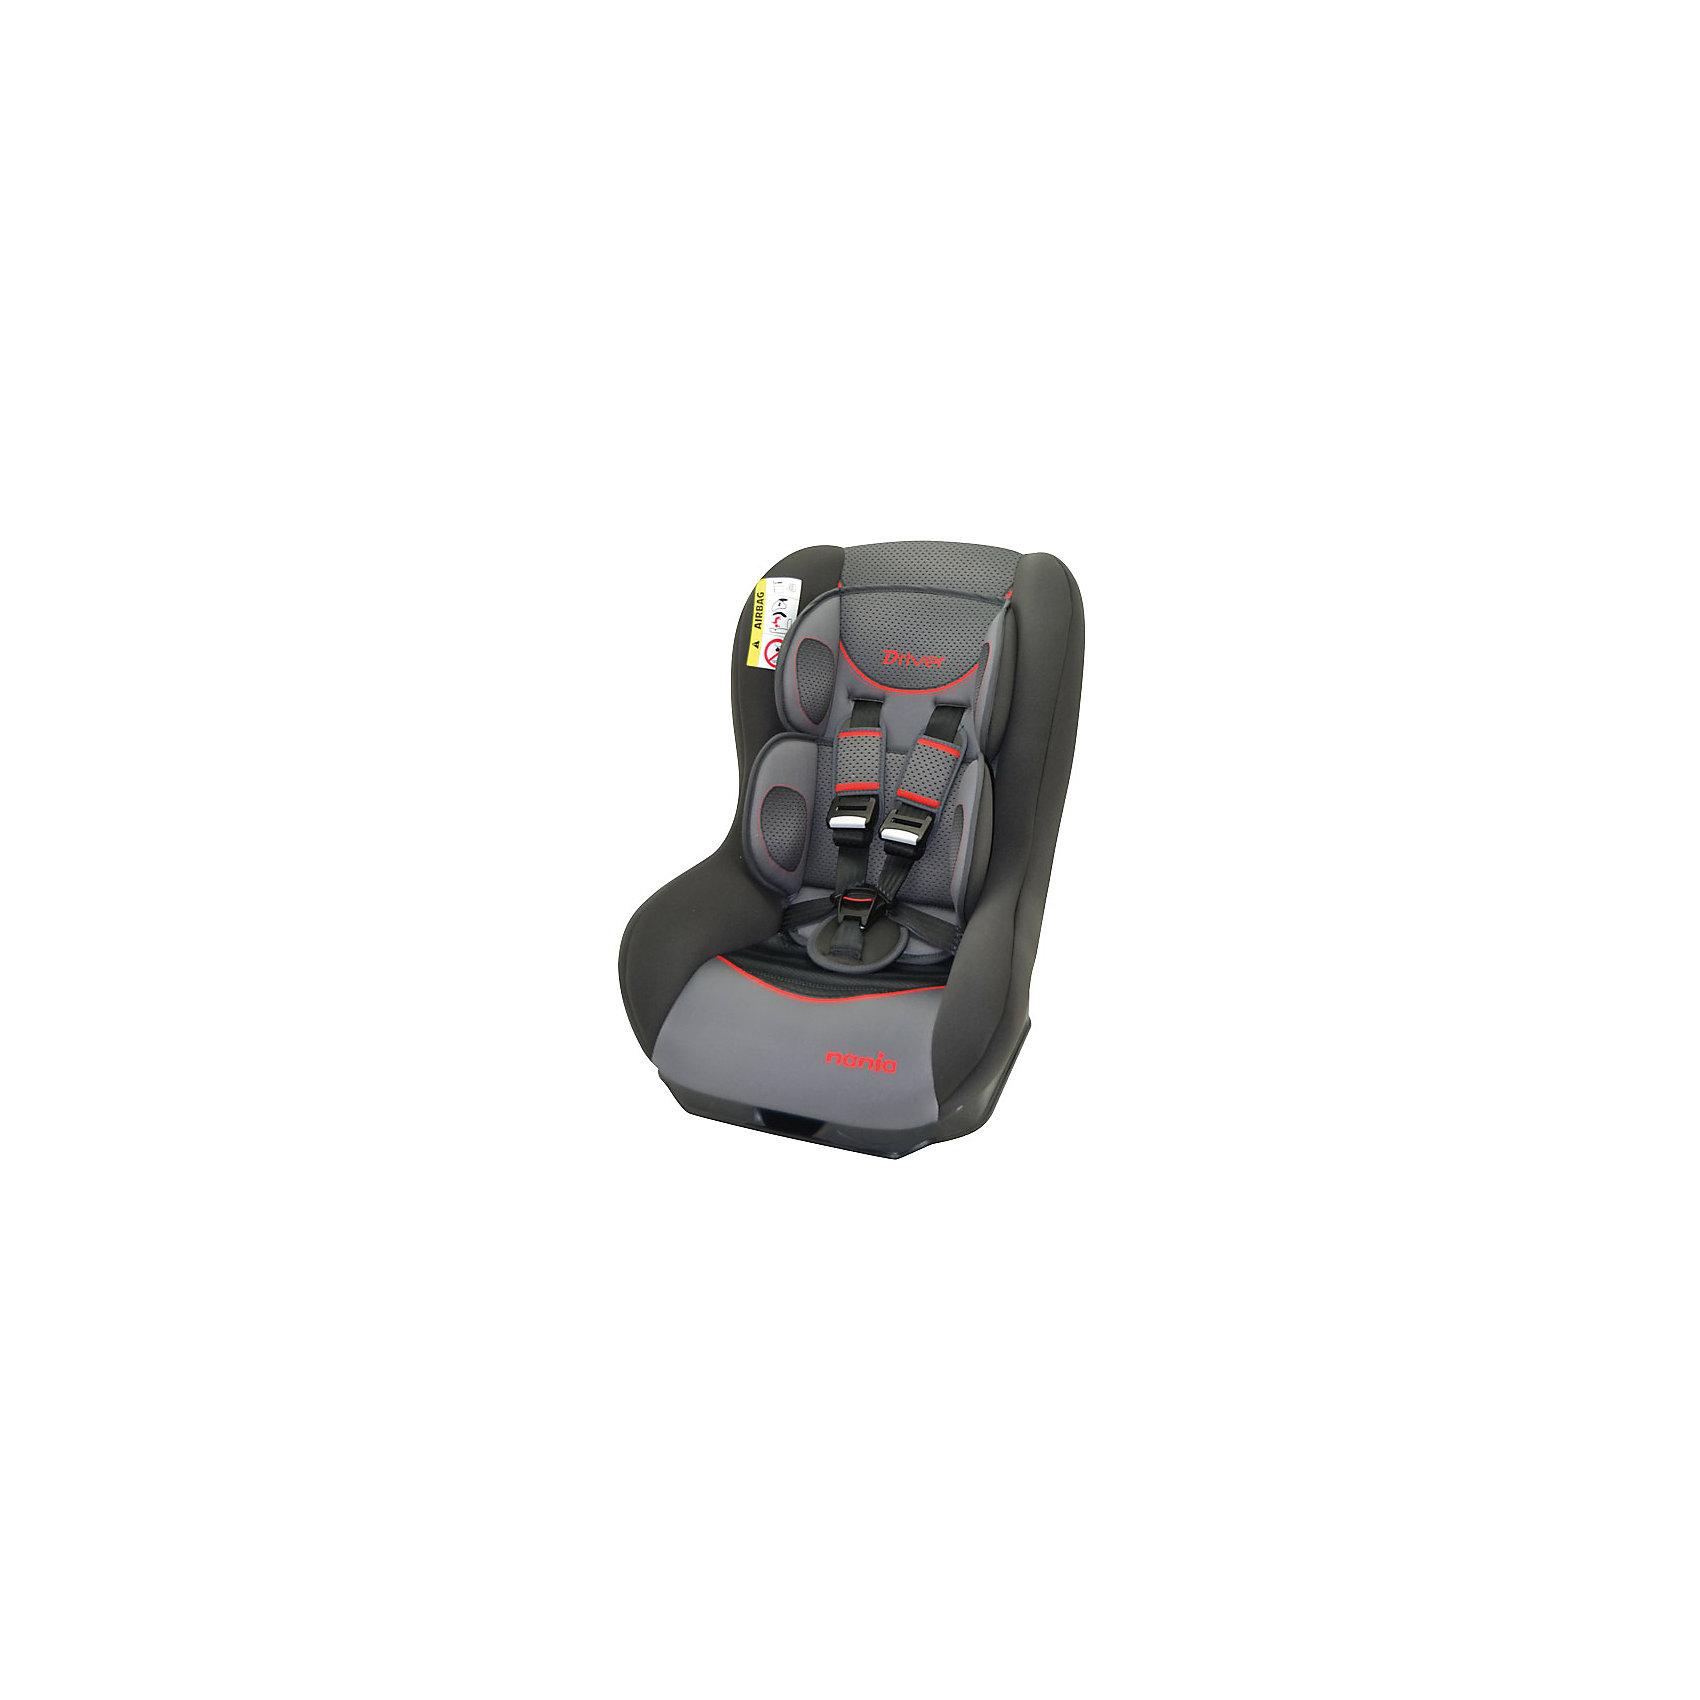 Автокресло Nania Driver FST 0-18 кг, graphic redГруппа 0+, 1 (До 18 кг)<br>Автокресло Driver FST, Nania - комфортная надежная модель, которая сделает поездку Вашего ребенка приятной и безопасной. Серия FIRST - это базовая версия автокресла с простым дизайном и высоким европейским качеством. Сиденье кресла имеет удобную анатомическую форму, что обеспечивает комфорт во время длительных поездок. Для новорожденных предусмотрена специальная мягкая вкладка, которая фиксирует голову, шею и тело ребенка в правильном положении. Наклон спинки можно регулировать в 5 положениях. Кресло оснащено регулируемыми 5-точечными ремнями безопасности с 3-мя уровнями регулировки по высоте и мягкими плечевыми накладками. Каркас из ударопрочного полипропилена, усиленные боковины и дополнительная прослойка из полистирола, поглощающая удары, уберегут ребёнка от серьезных травм. <br><br>Автокресло легко и надежно фиксируется при помощи штатных ремней безопасности. Для малышей весом до 10 кг. автокресло устанавливается на заднем сиденье лицом против движения авто, при весе ребенка от 10 до 18 кг. кресло устанавливается лицом по ходу движения автомобиля. Кресло изготовлено из высококачественных материалов, тканевую обивку можно снимать и стирать вручную при комнатной температуре. Соответствует Европейскому стандарту безопасности ЕСЕ R44/04. Рассчитано на детей от 0 до 3-4 лет, весом 0-18 кг.<br><br>Дополнительная информация:<br><br>- Цвет: graphic red (черный/серый/красный).<br>- Материал: 100% полиэстер, пластик.<br>- Серия: 0/1 (0-18) кг.<br>- Внешние размеры: 52 х 46 х 60 см.<br>- Вес: 5,7 кг.<br><br>Автокресло Driver FST, 0-18 кг., Nania, graphic red, можно купить в нашем интернет-магазине.<br><br>Ширина мм: 460<br>Глубина мм: 520<br>Высота мм: 600<br>Вес г: 12490<br>Возраст от месяцев: 0<br>Возраст до месяцев: 36<br>Пол: Унисекс<br>Возраст: Детский<br>SKU: 4405892